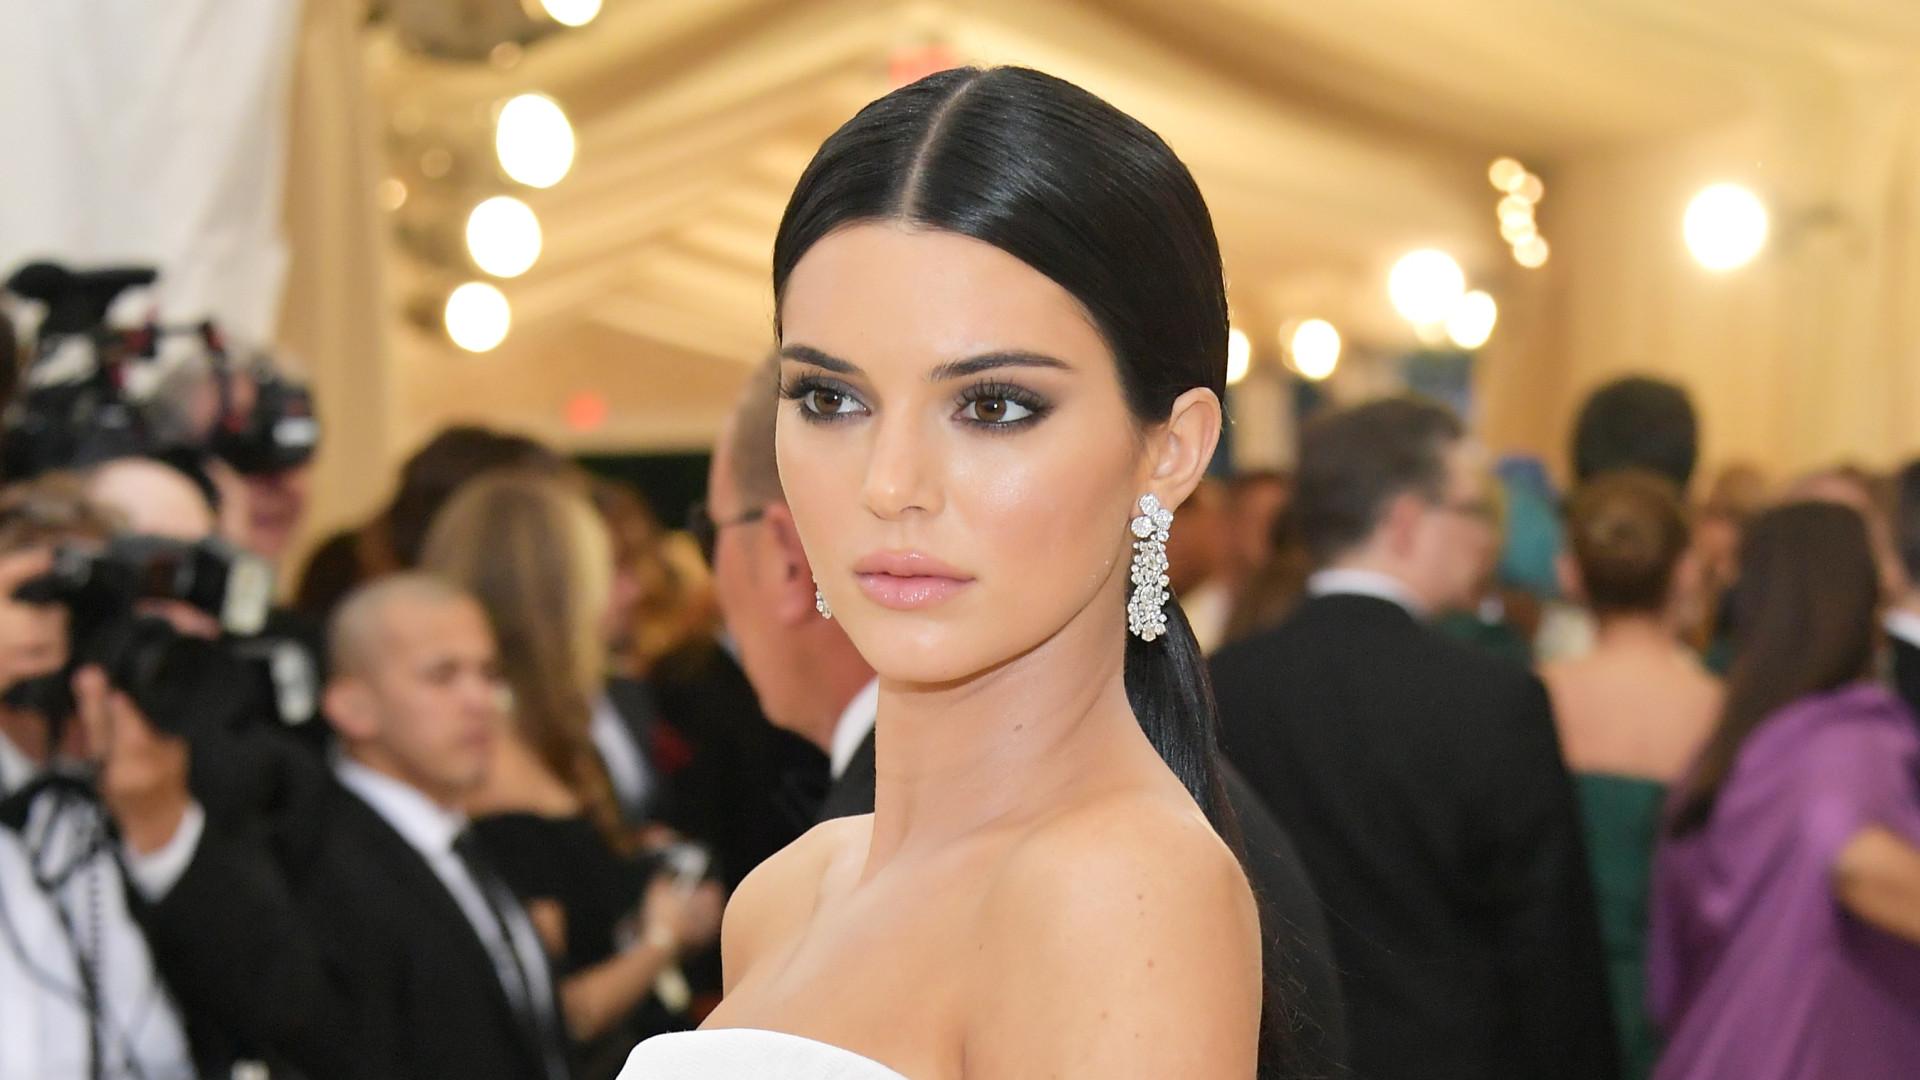 Quase irreconhecível e em topless, Kendall Jenner posa para revista